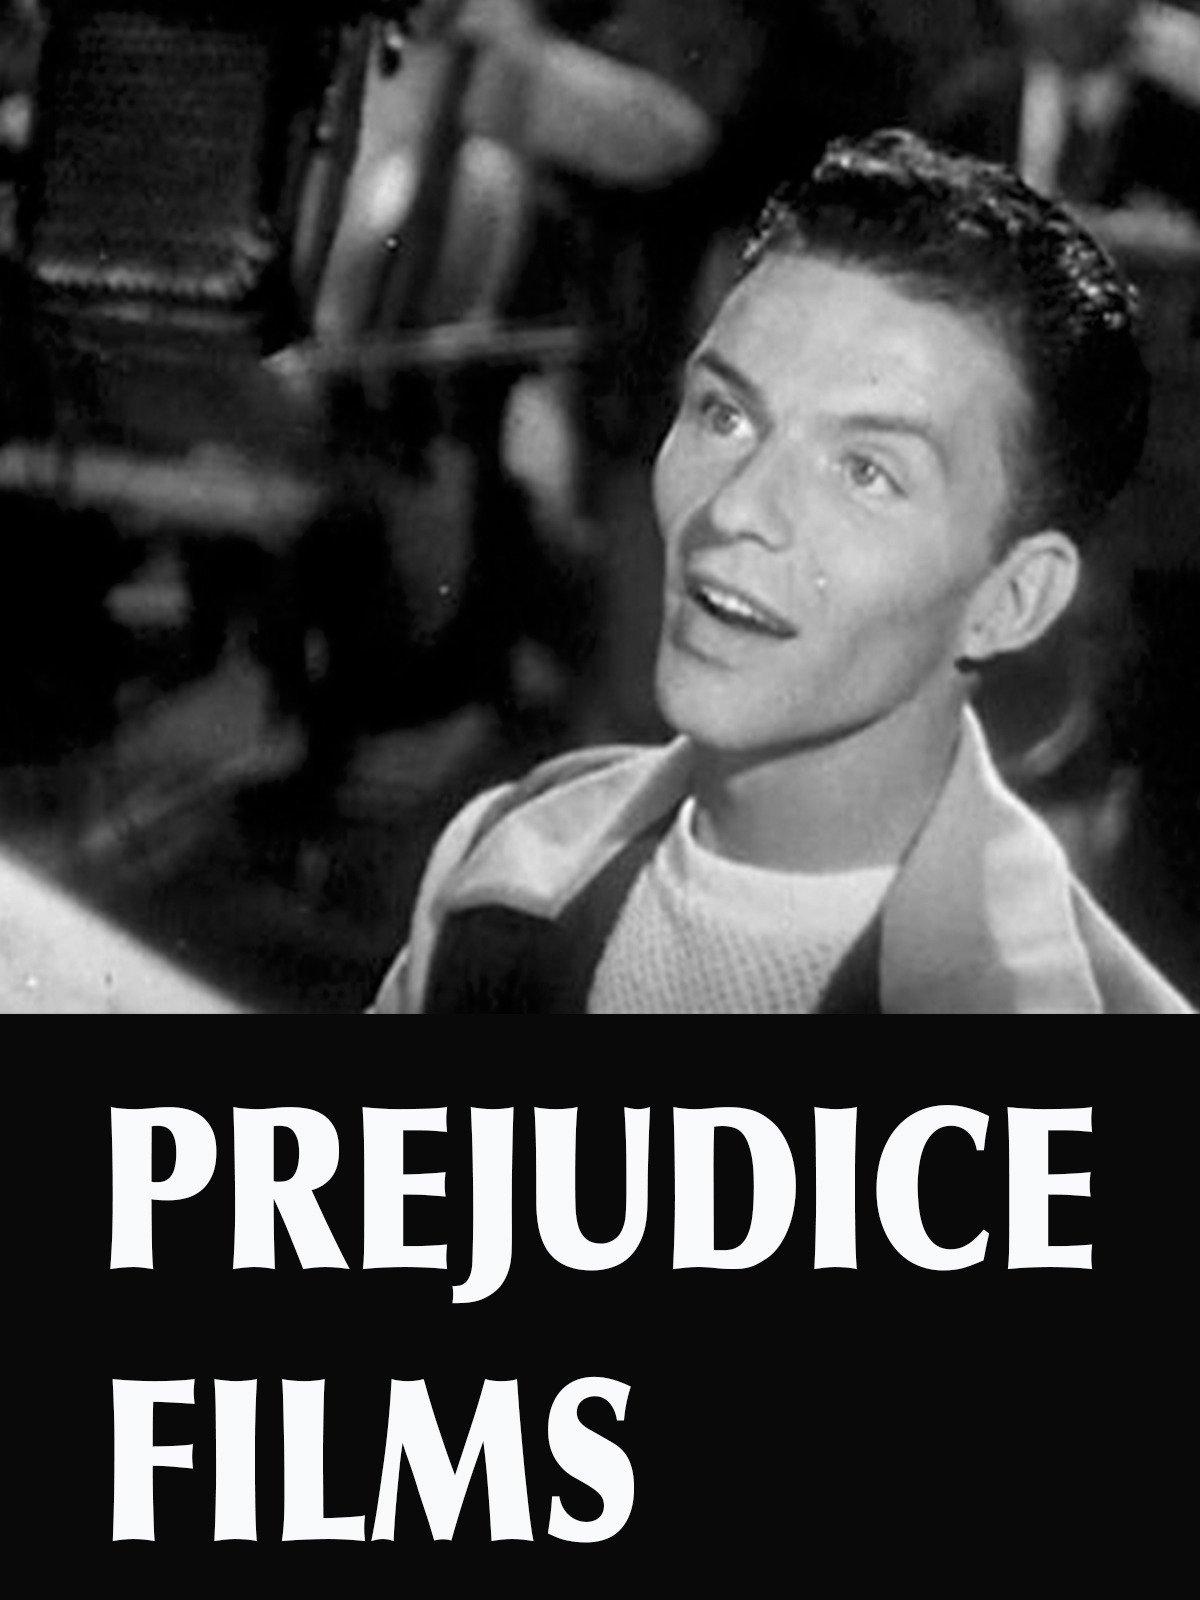 Prejudice Films